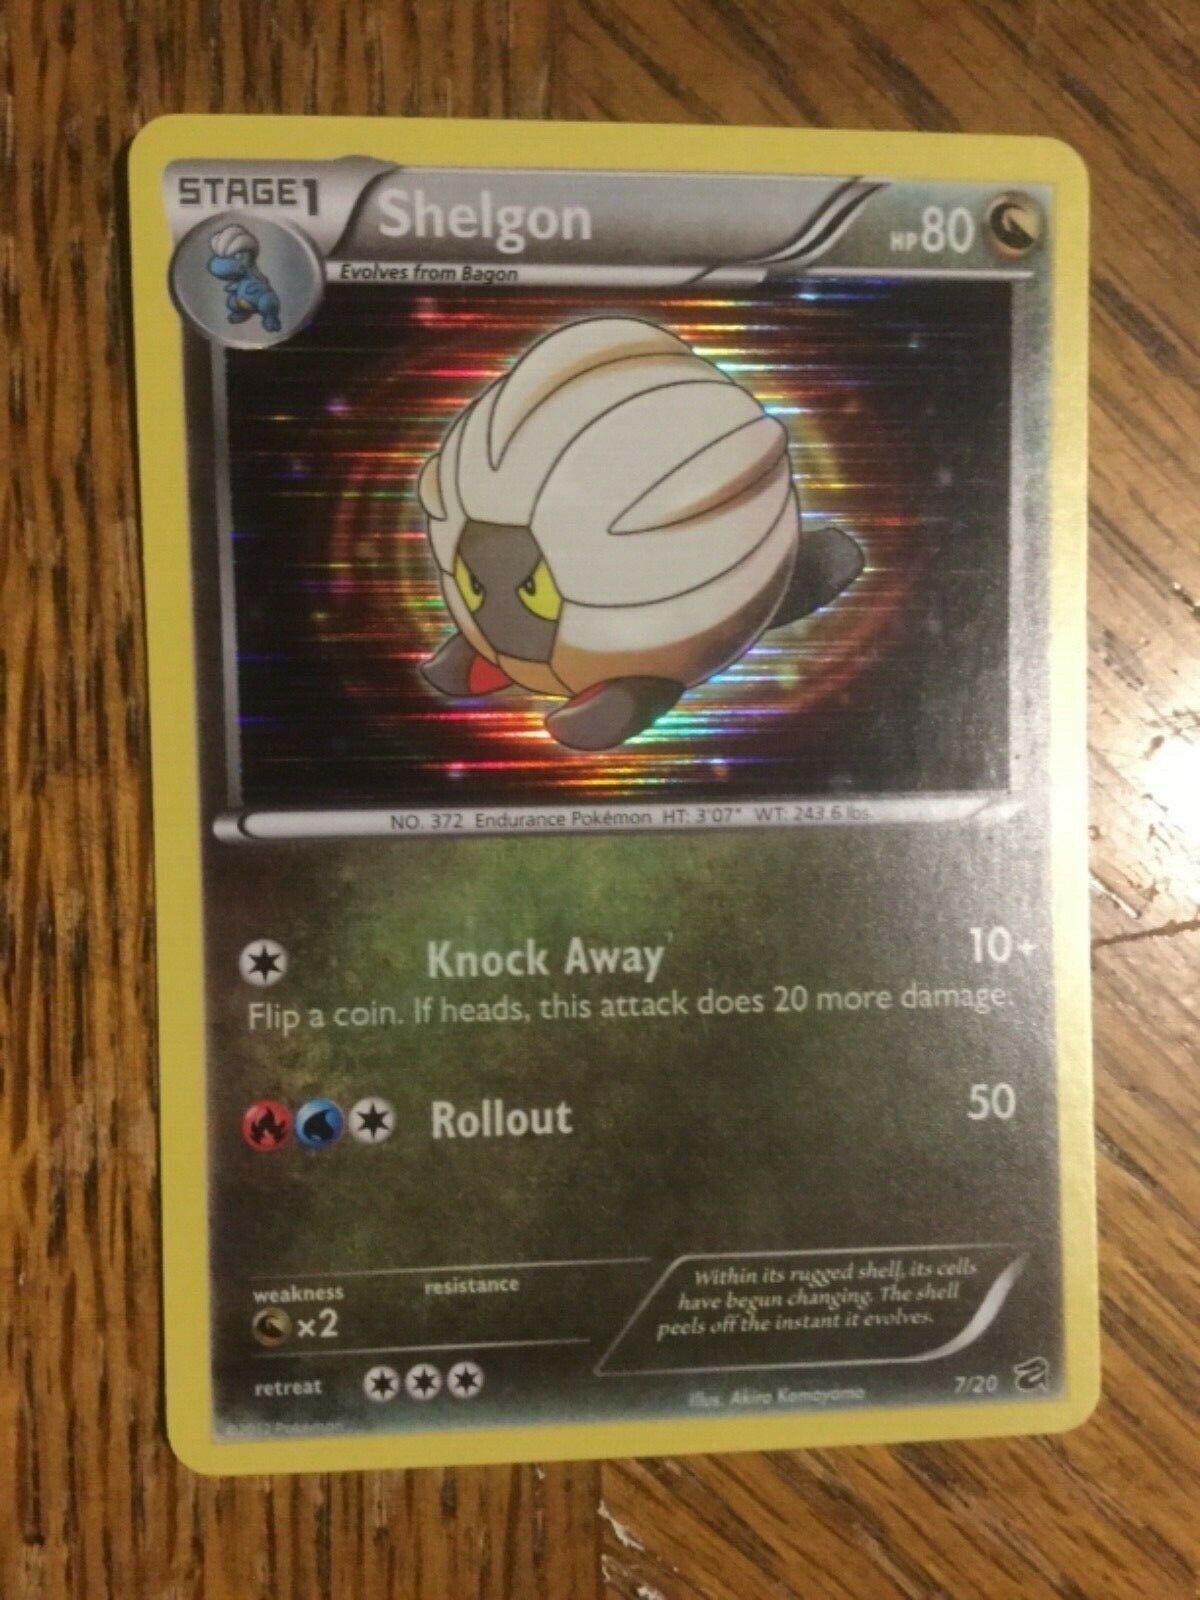 7//20 NM-Mint Pokemon BW Dragon Vault 1x Shelgon